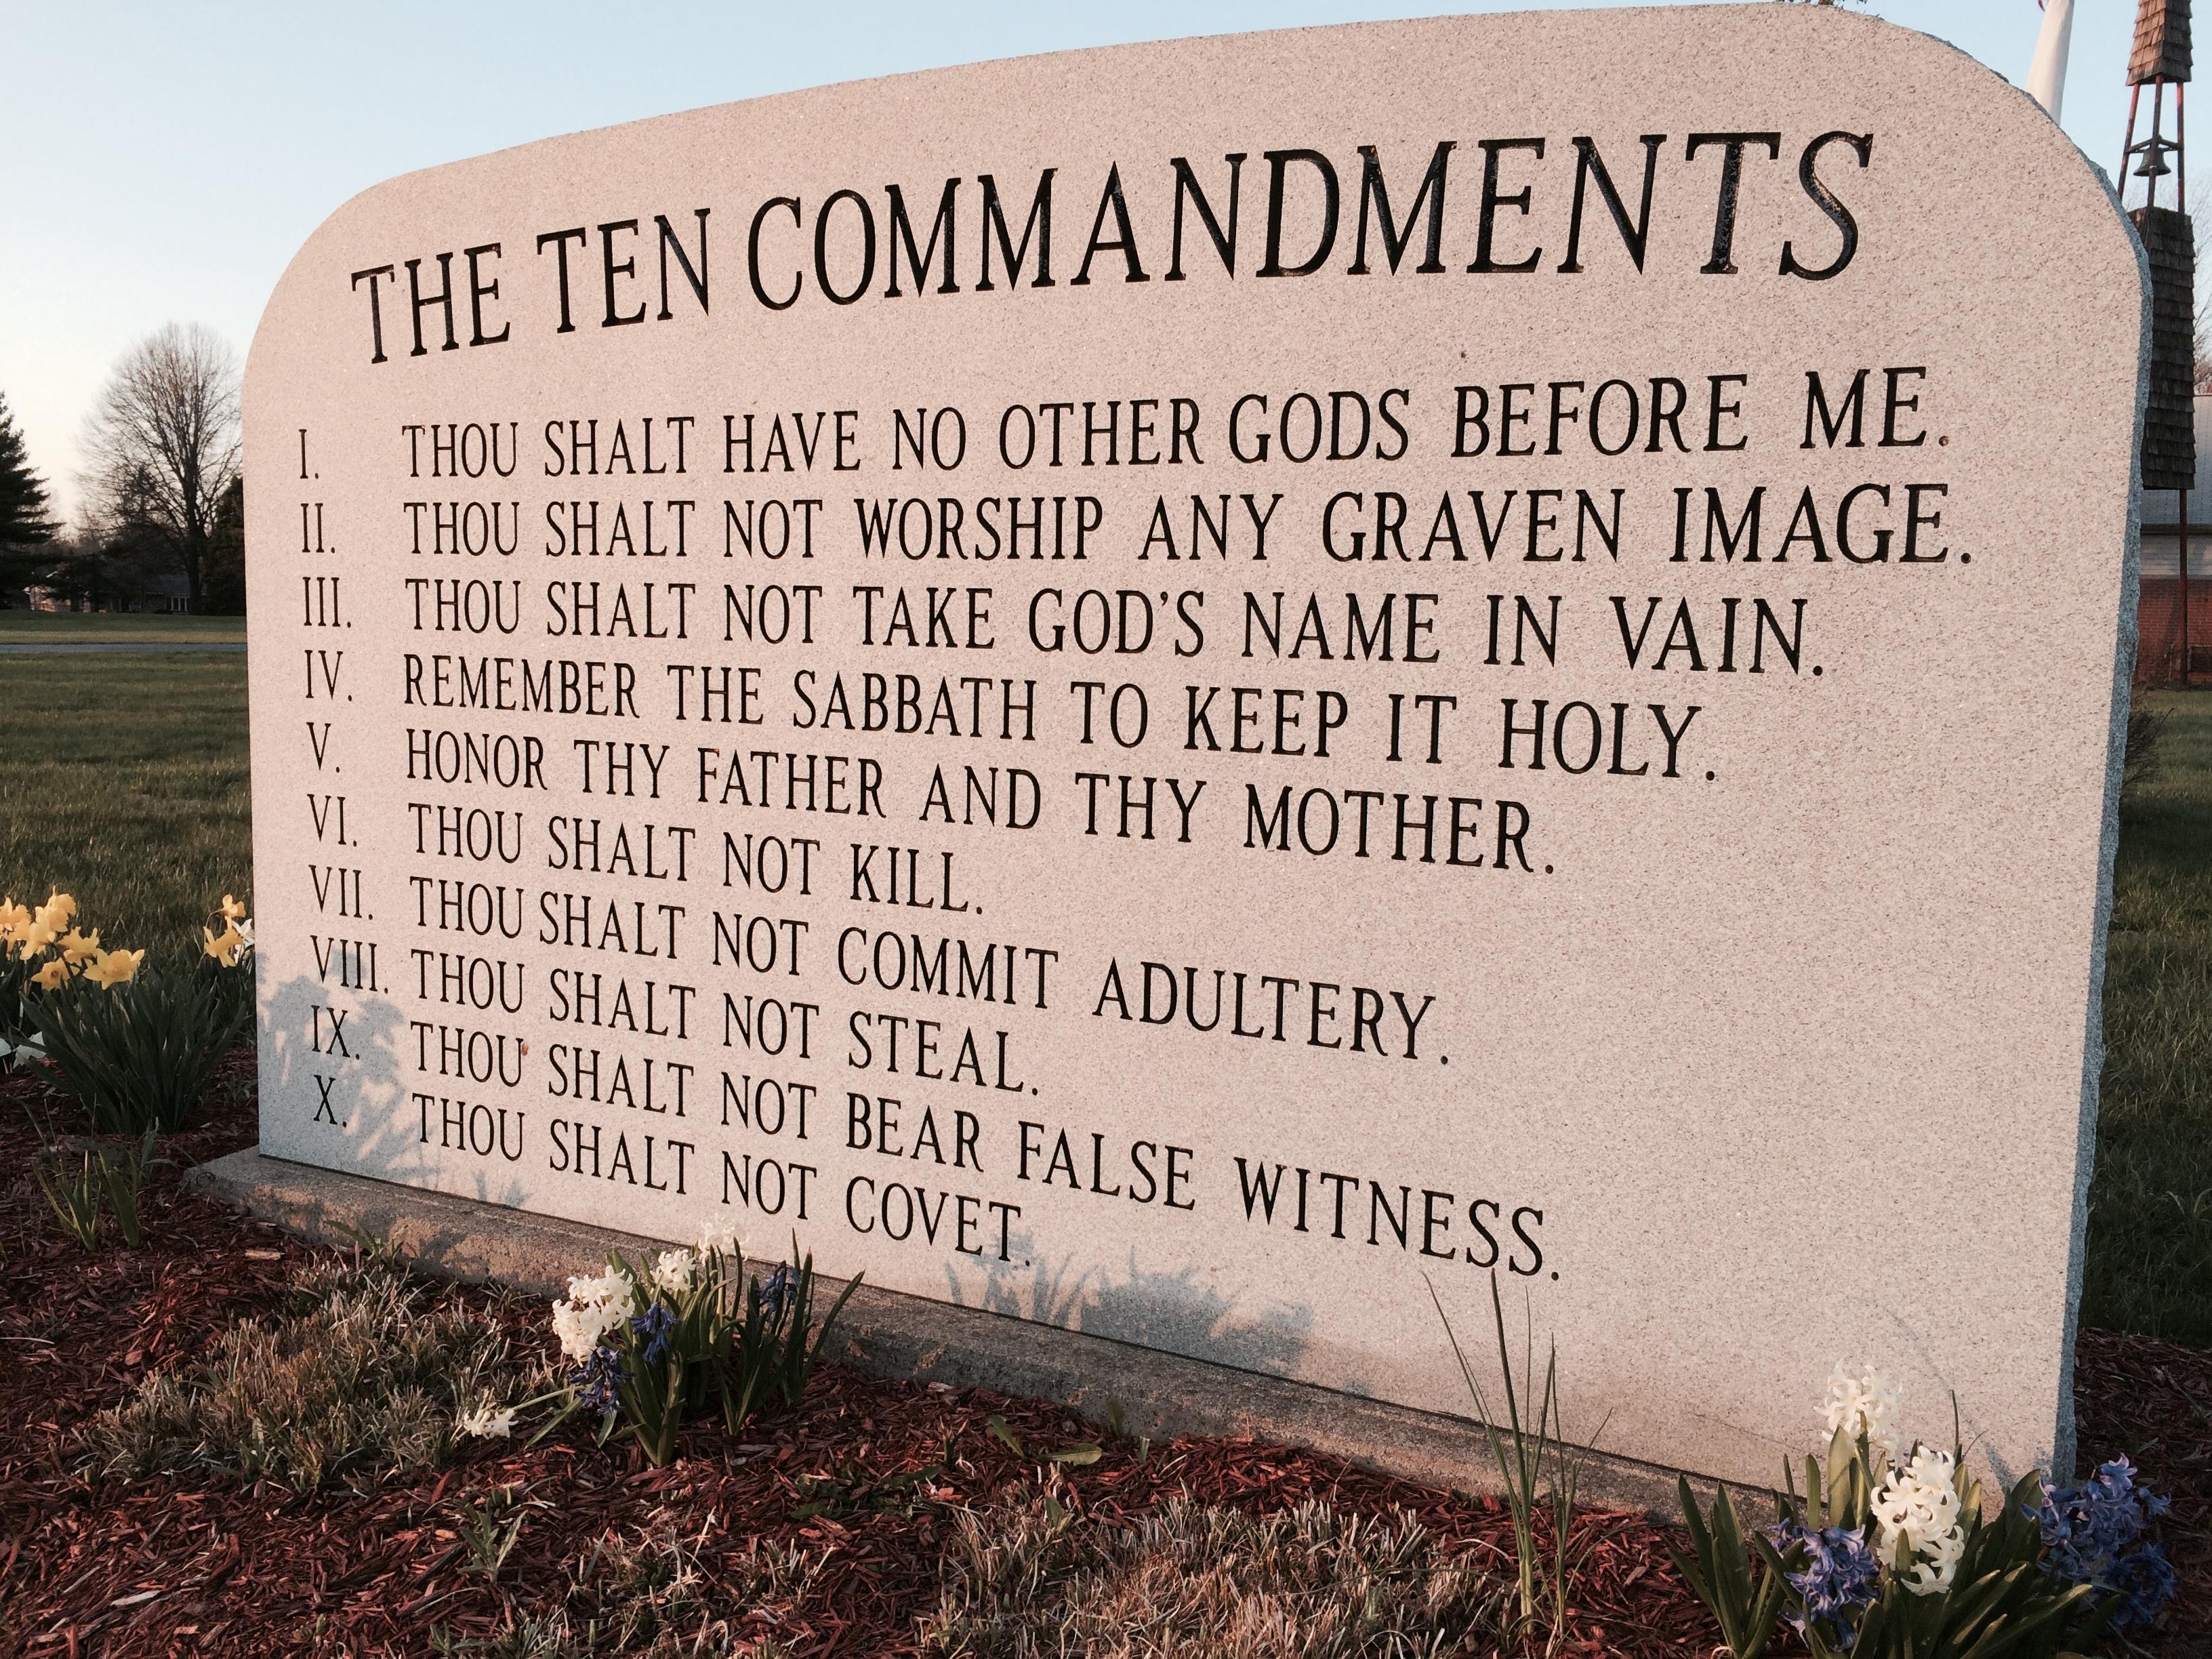 https://i0.wp.com/altoday.com/wp-content/uploads/2017/05/10-Commandments.jpg?fit=3264%2C2448&ssl=1